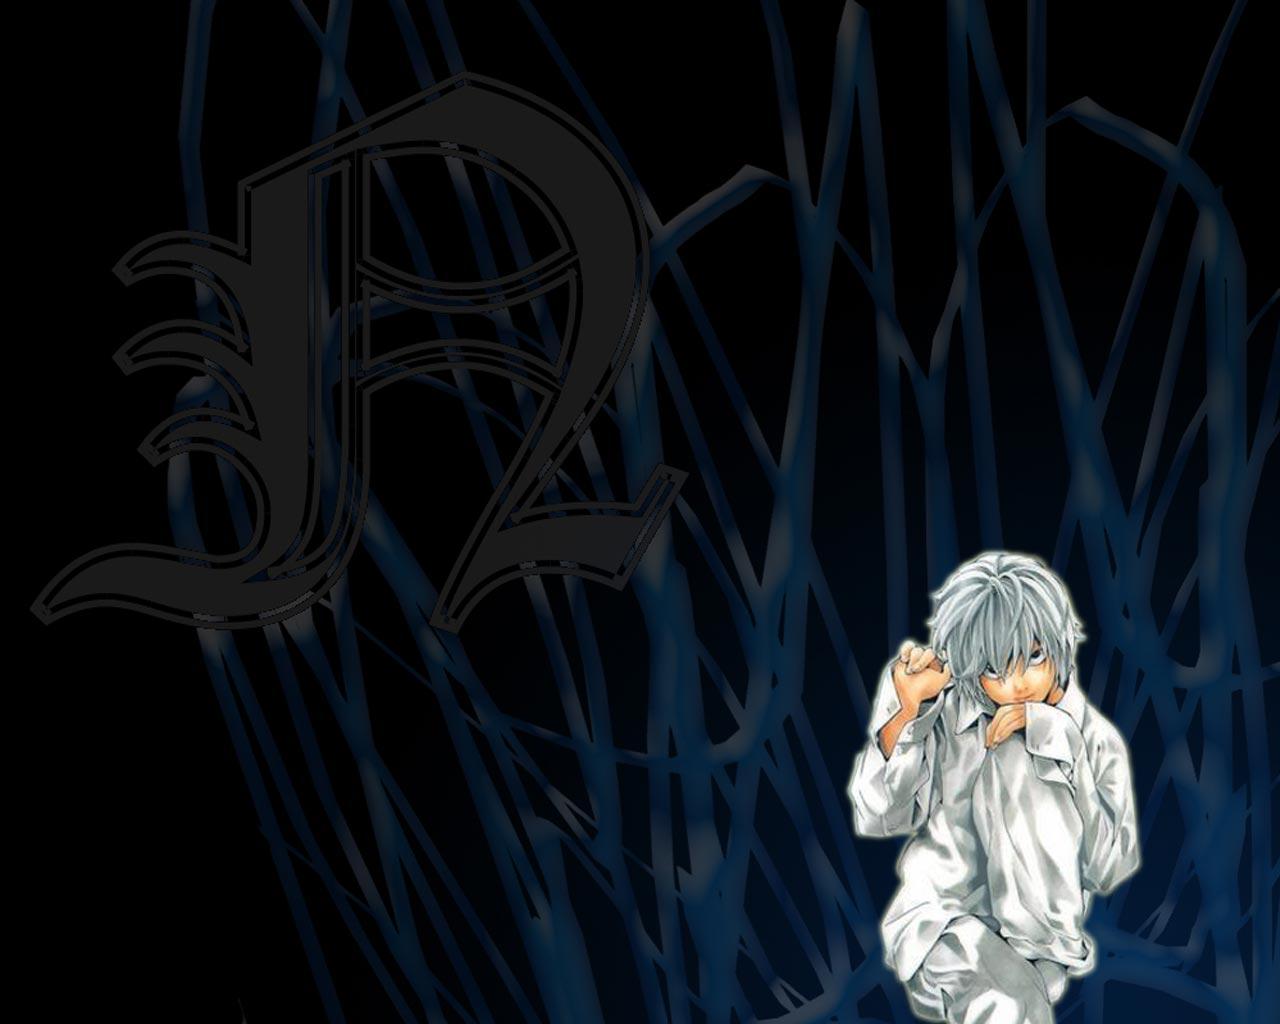 http://2.bp.blogspot.com/-8FWVTZR-I3A/TzoZUXzYIgI/AAAAAAAAAMk/7la80Z2M6YY/s1600/wallpaper++background+death+note+L+Light+Yagami+Kira+Near+Mello+11.jpg